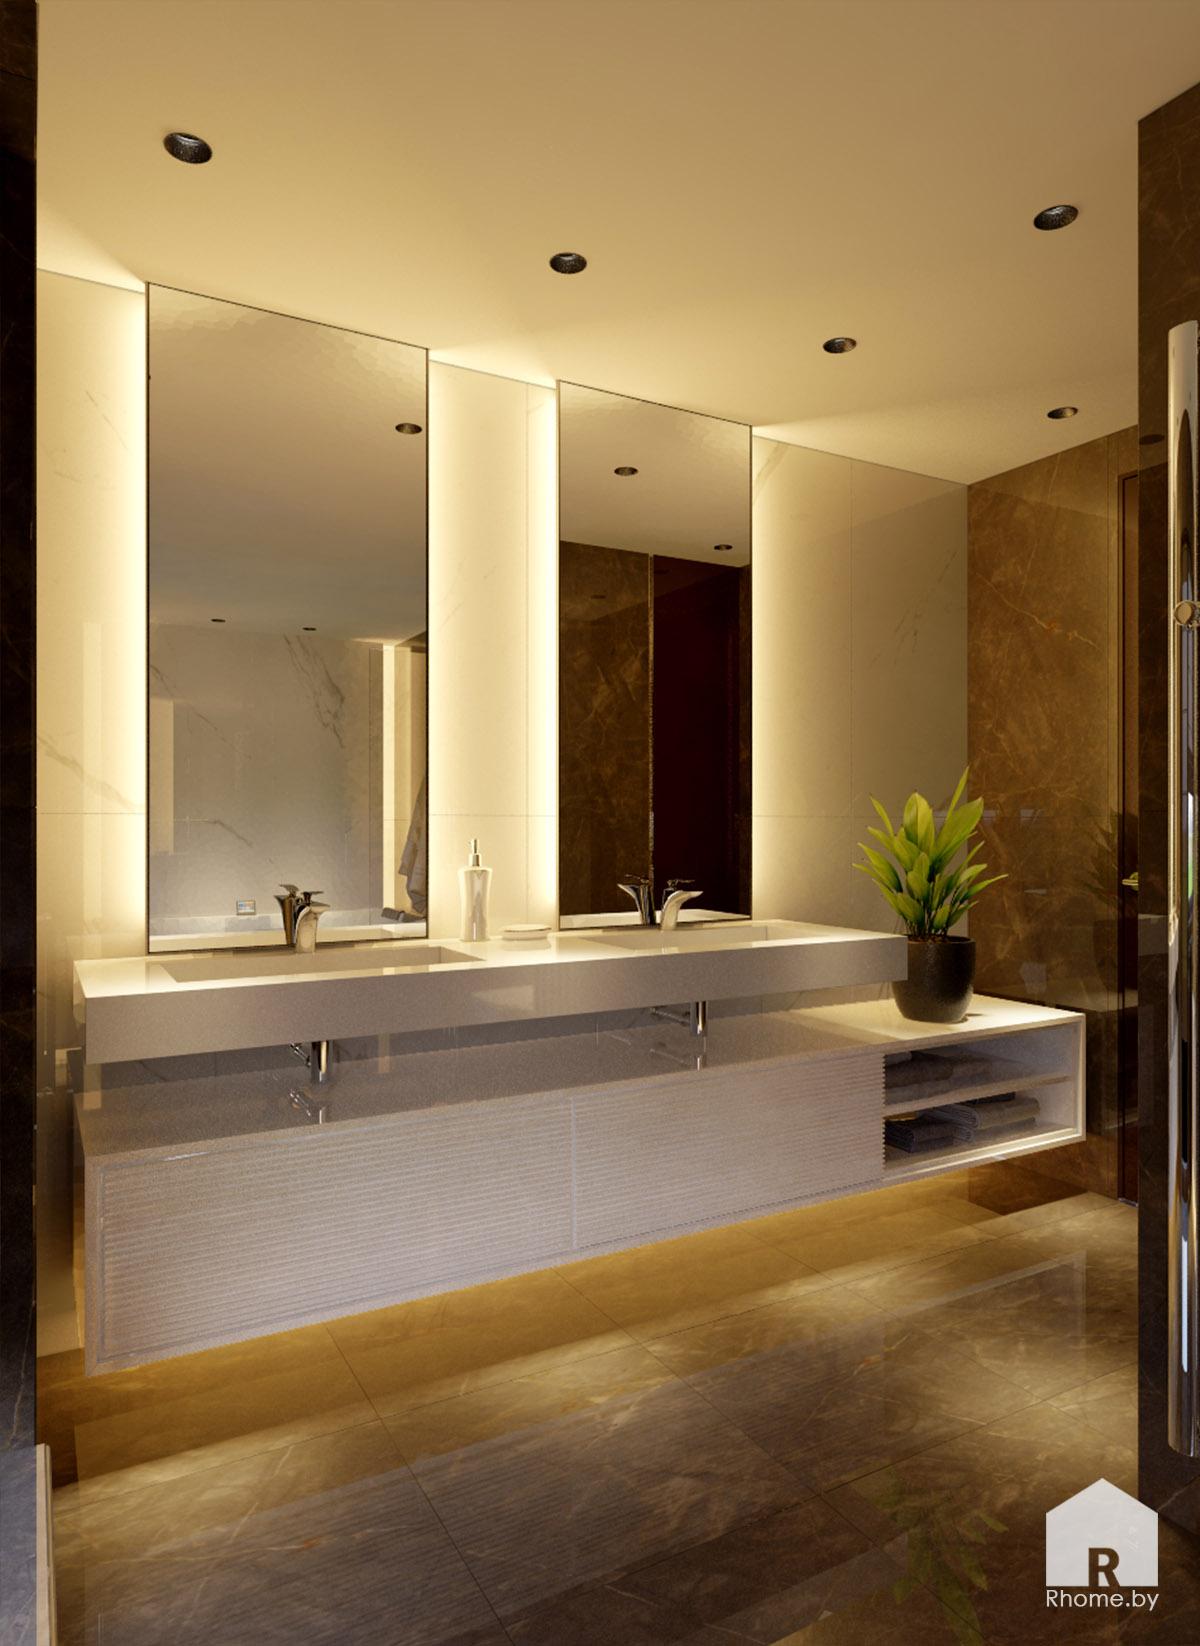 Дизайн ванной комнаты и санузела в Борисове в темных тонах | Дизайн студия – Rhome.by